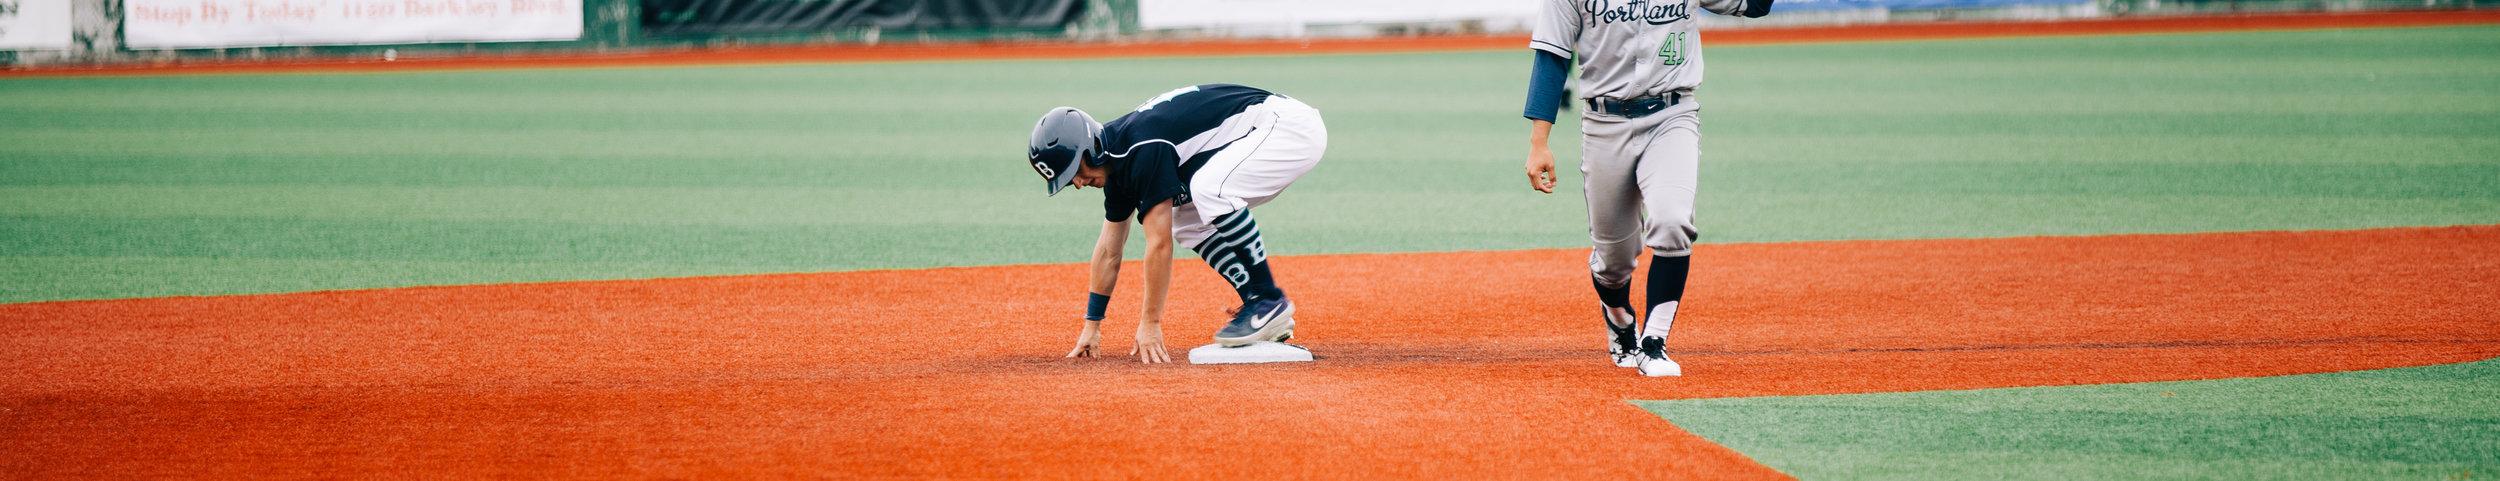 Baseball-27.jpg